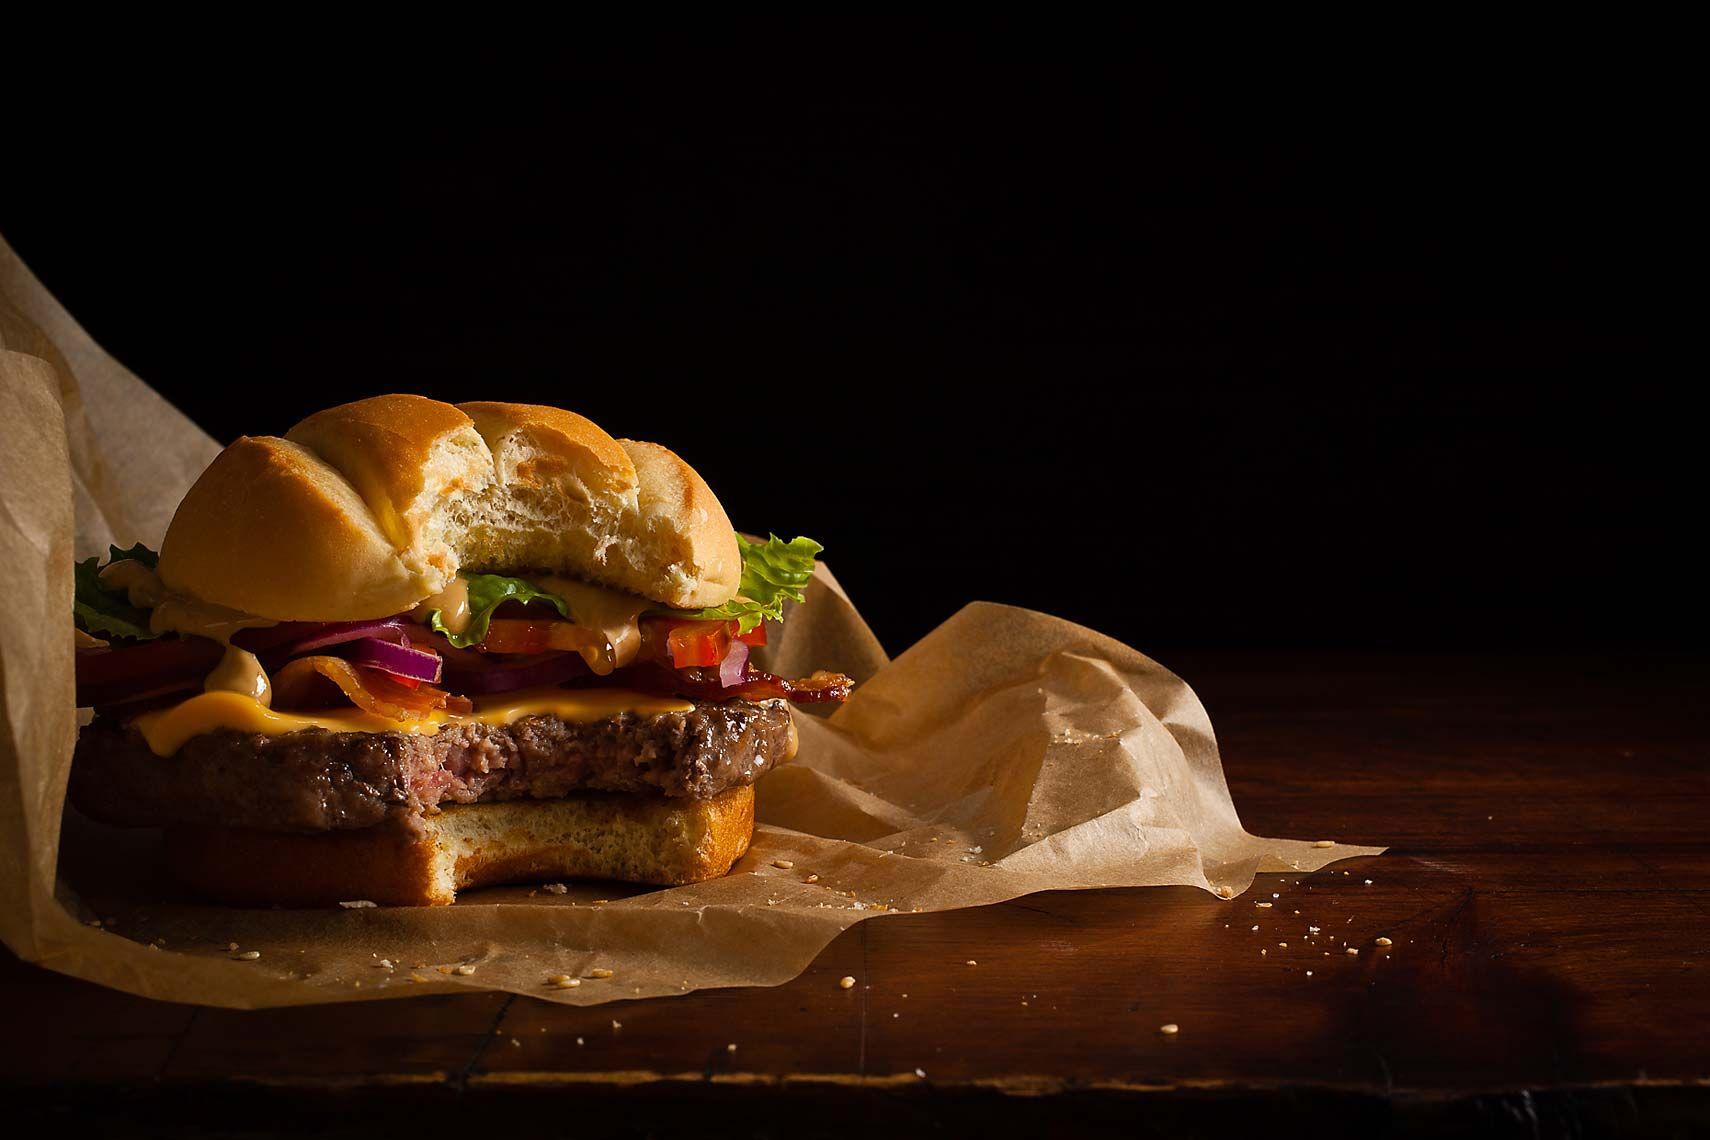 молоко, картинки сэндвичей на черном фоне платье горошек